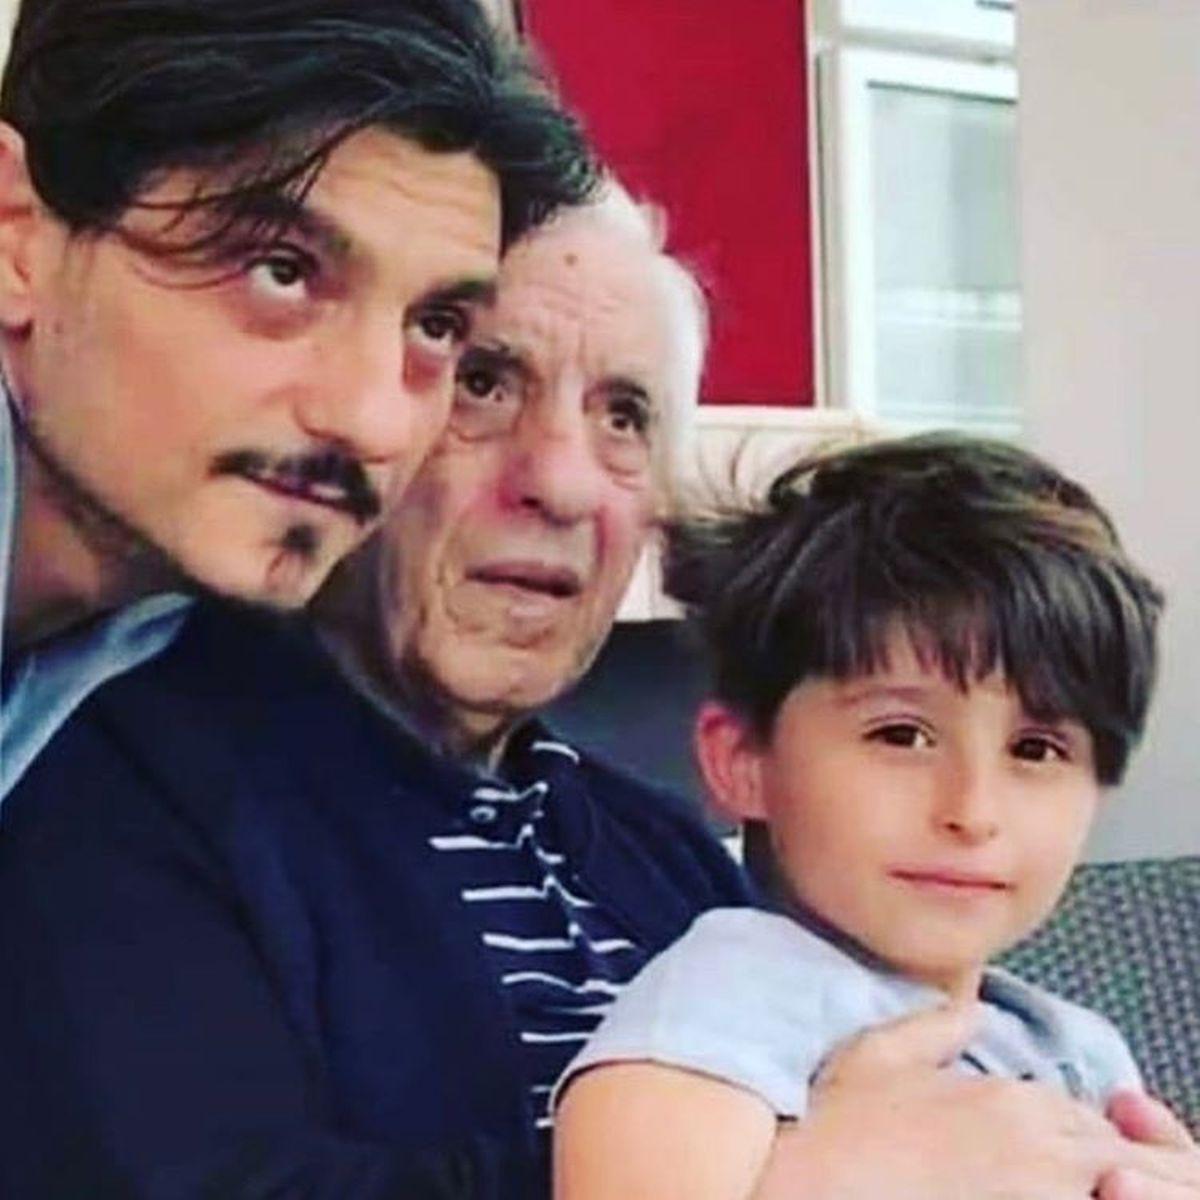 Δημήτρης Γιαννακόπουλος: Η φωτογραφία φόρος τιμής στον Παύλο και η ...